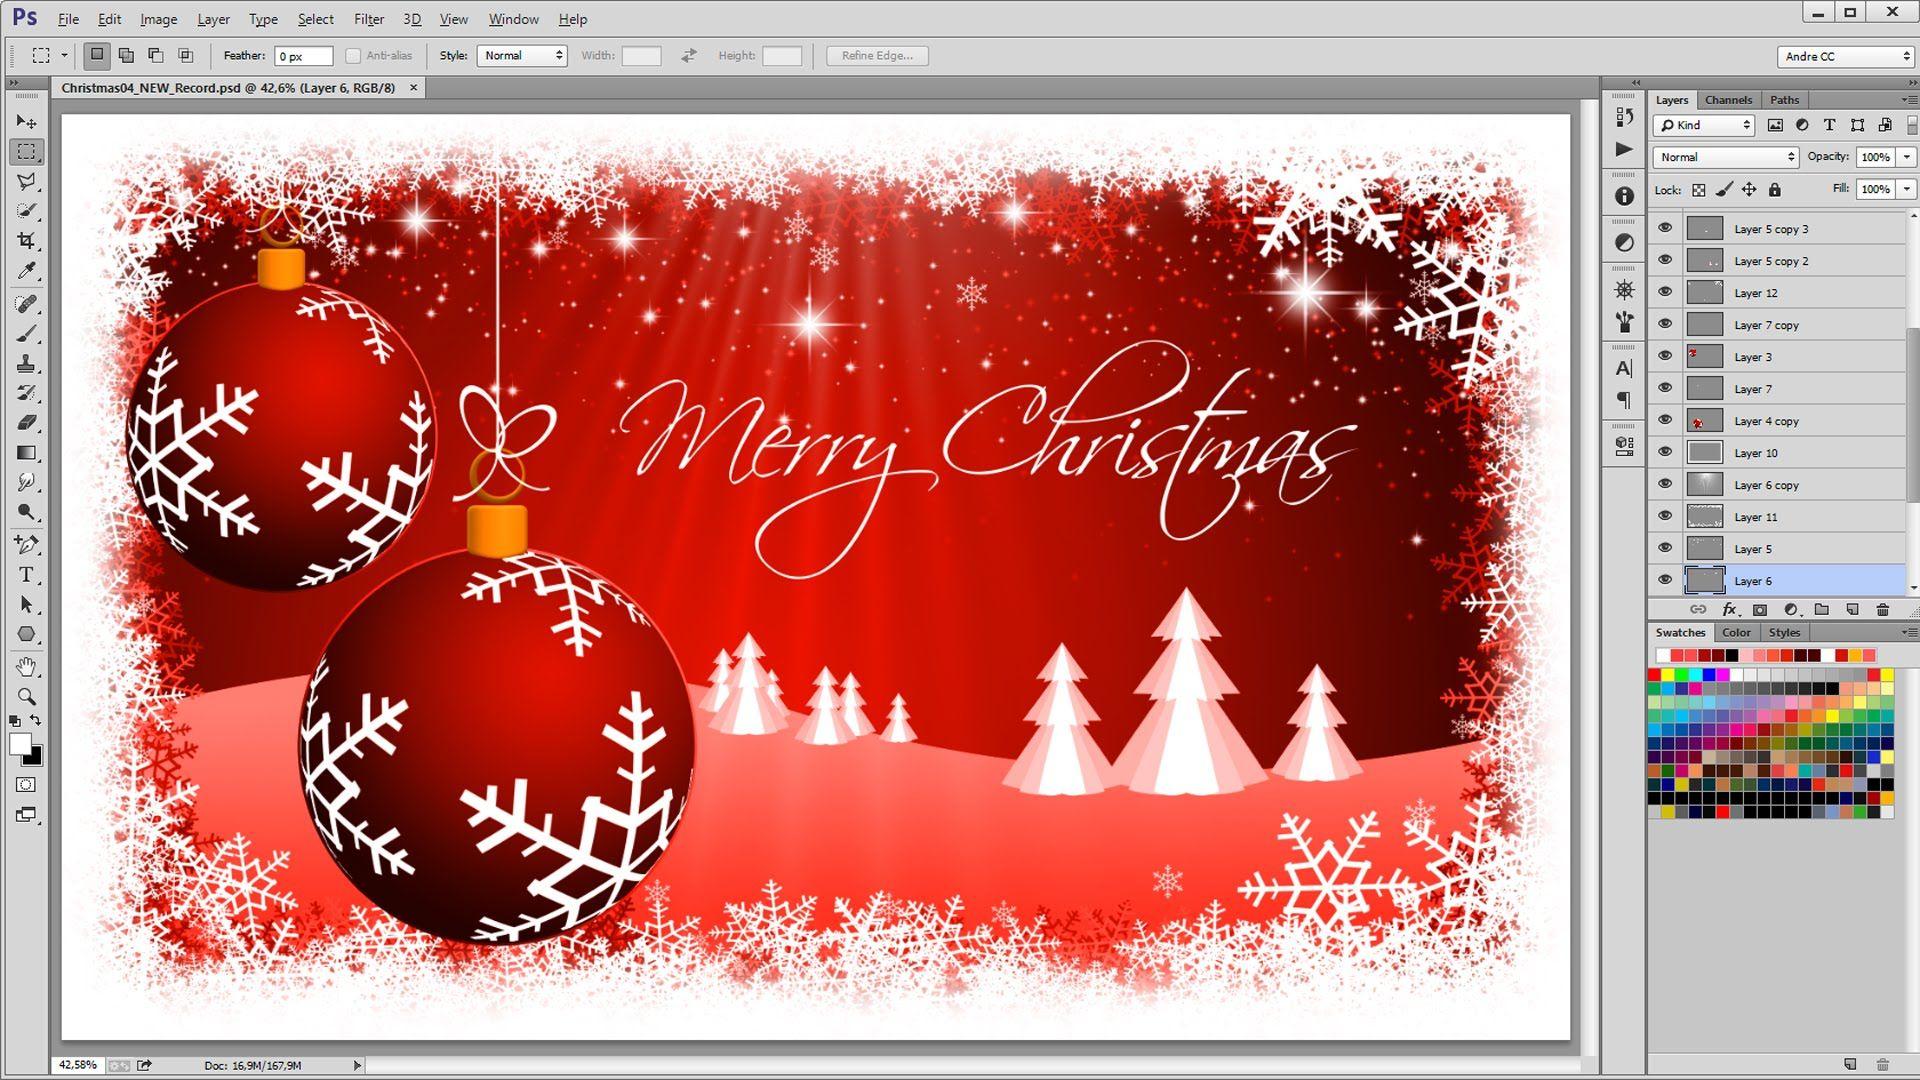 Как сделать новогодние открытки в фотошопе, красивые